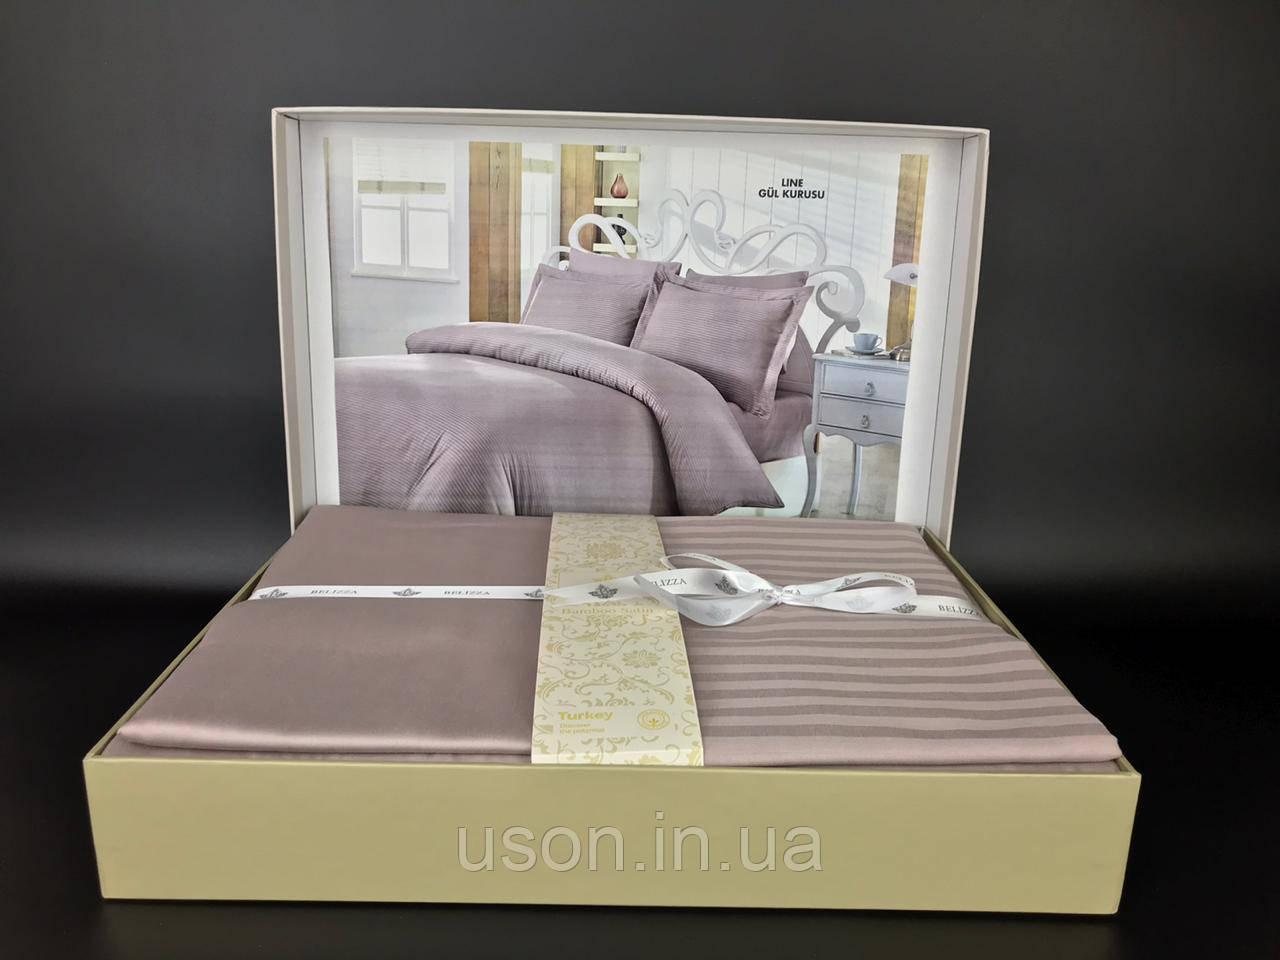 Комплект постельного белья сатин-страйп TM Belizza 200*220 Line gul kurusu